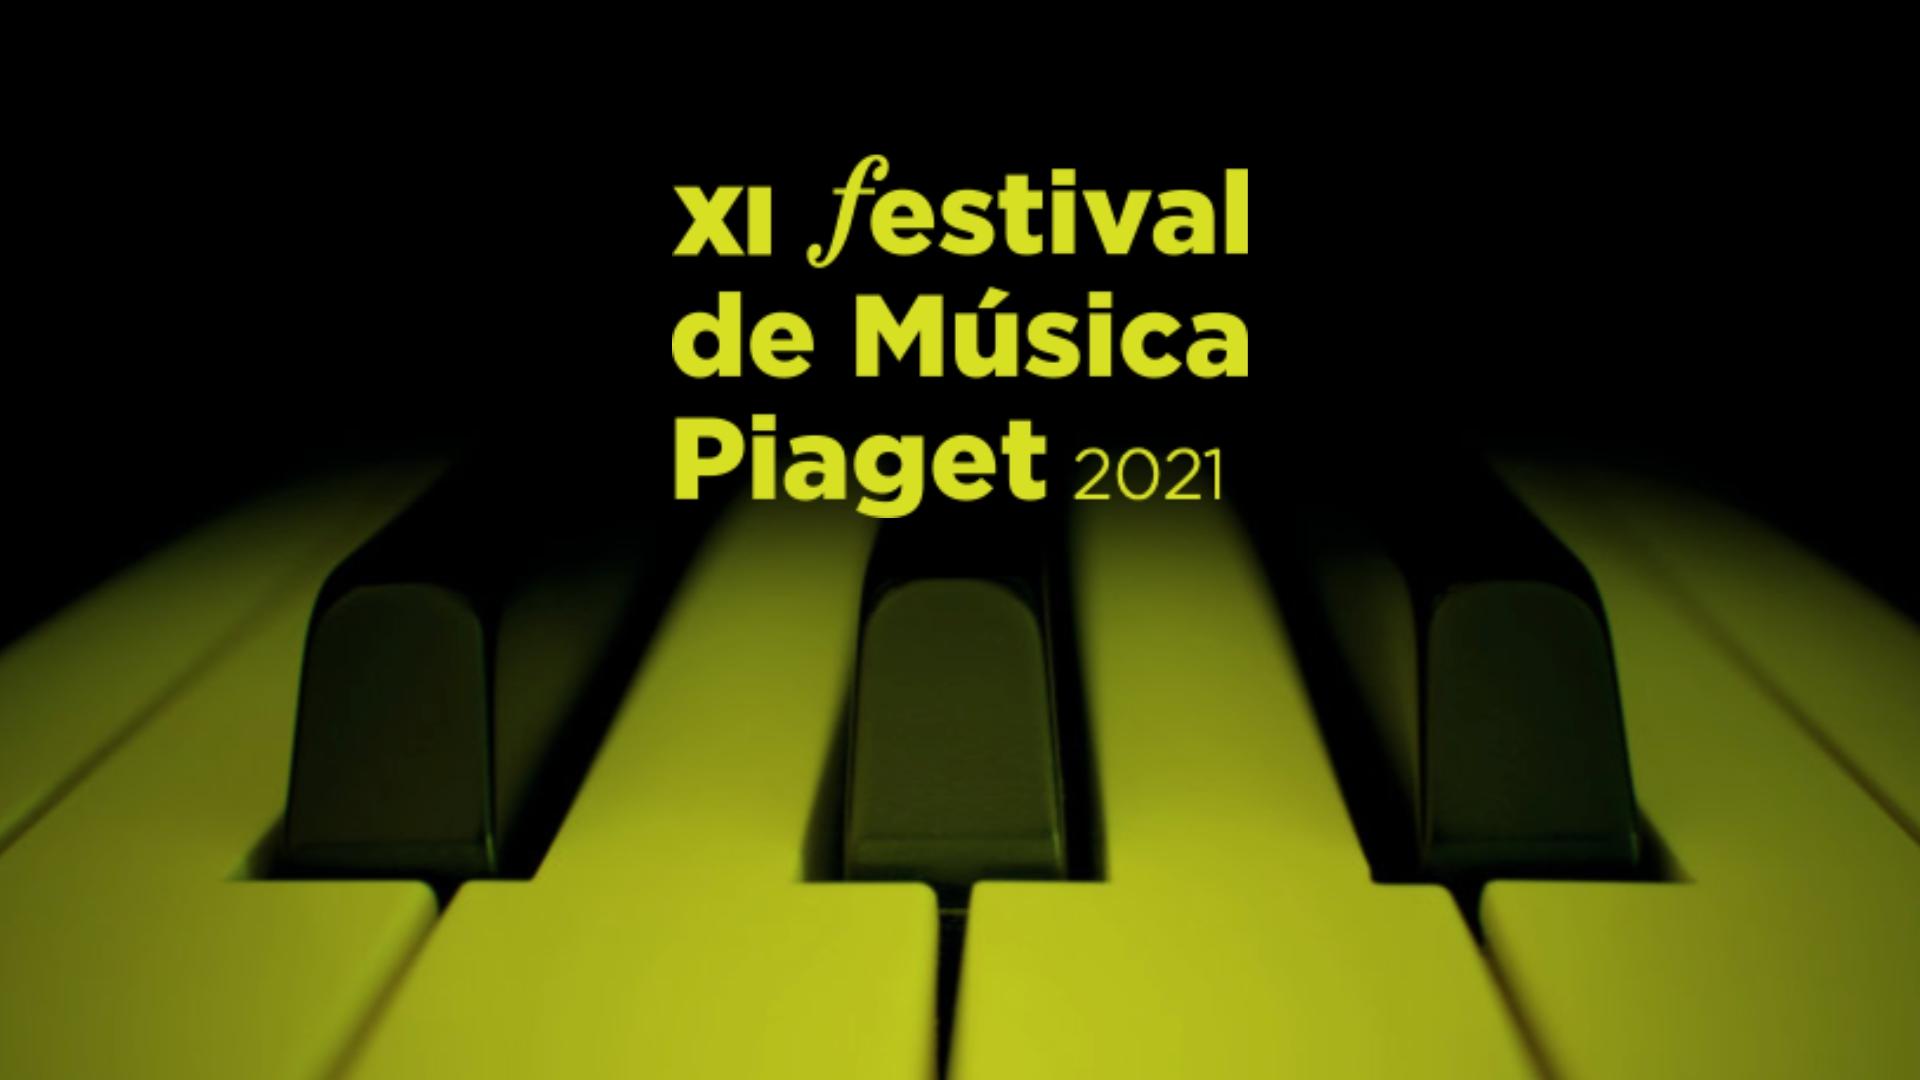 XI Festival de Música Piaget 2021/SINFOMAS´21